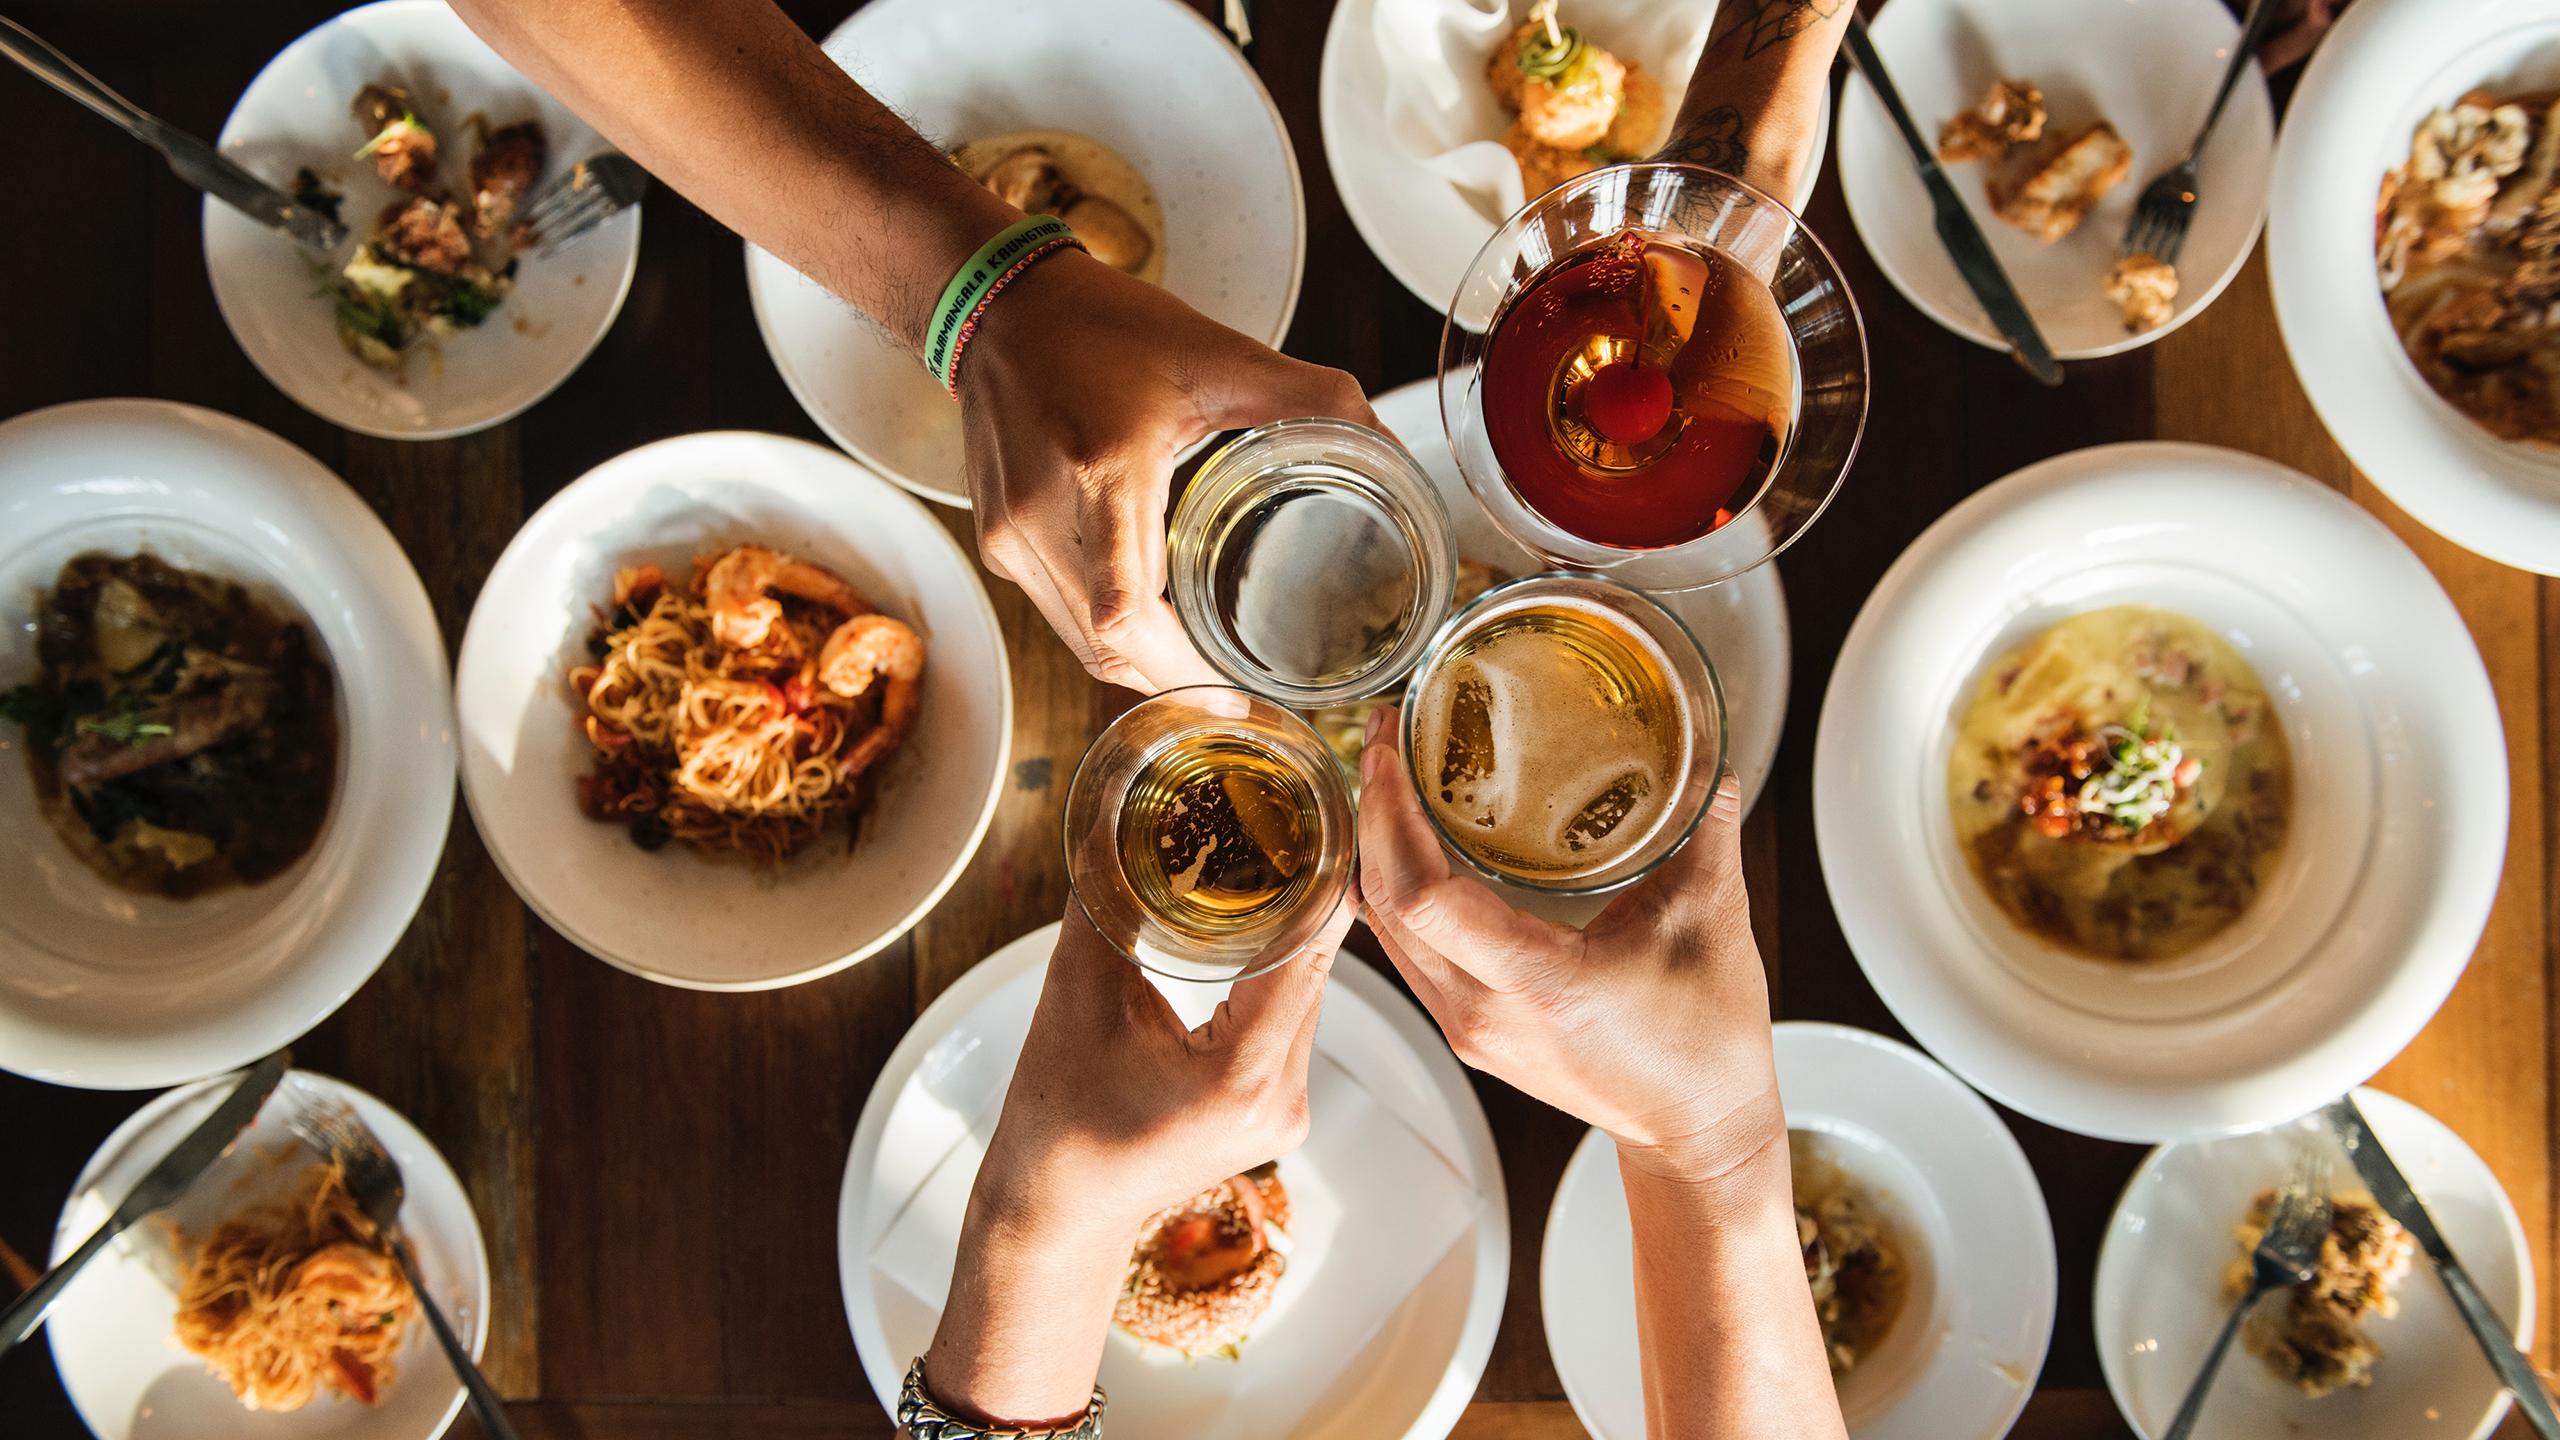 spicy ice, el trend gastronómico